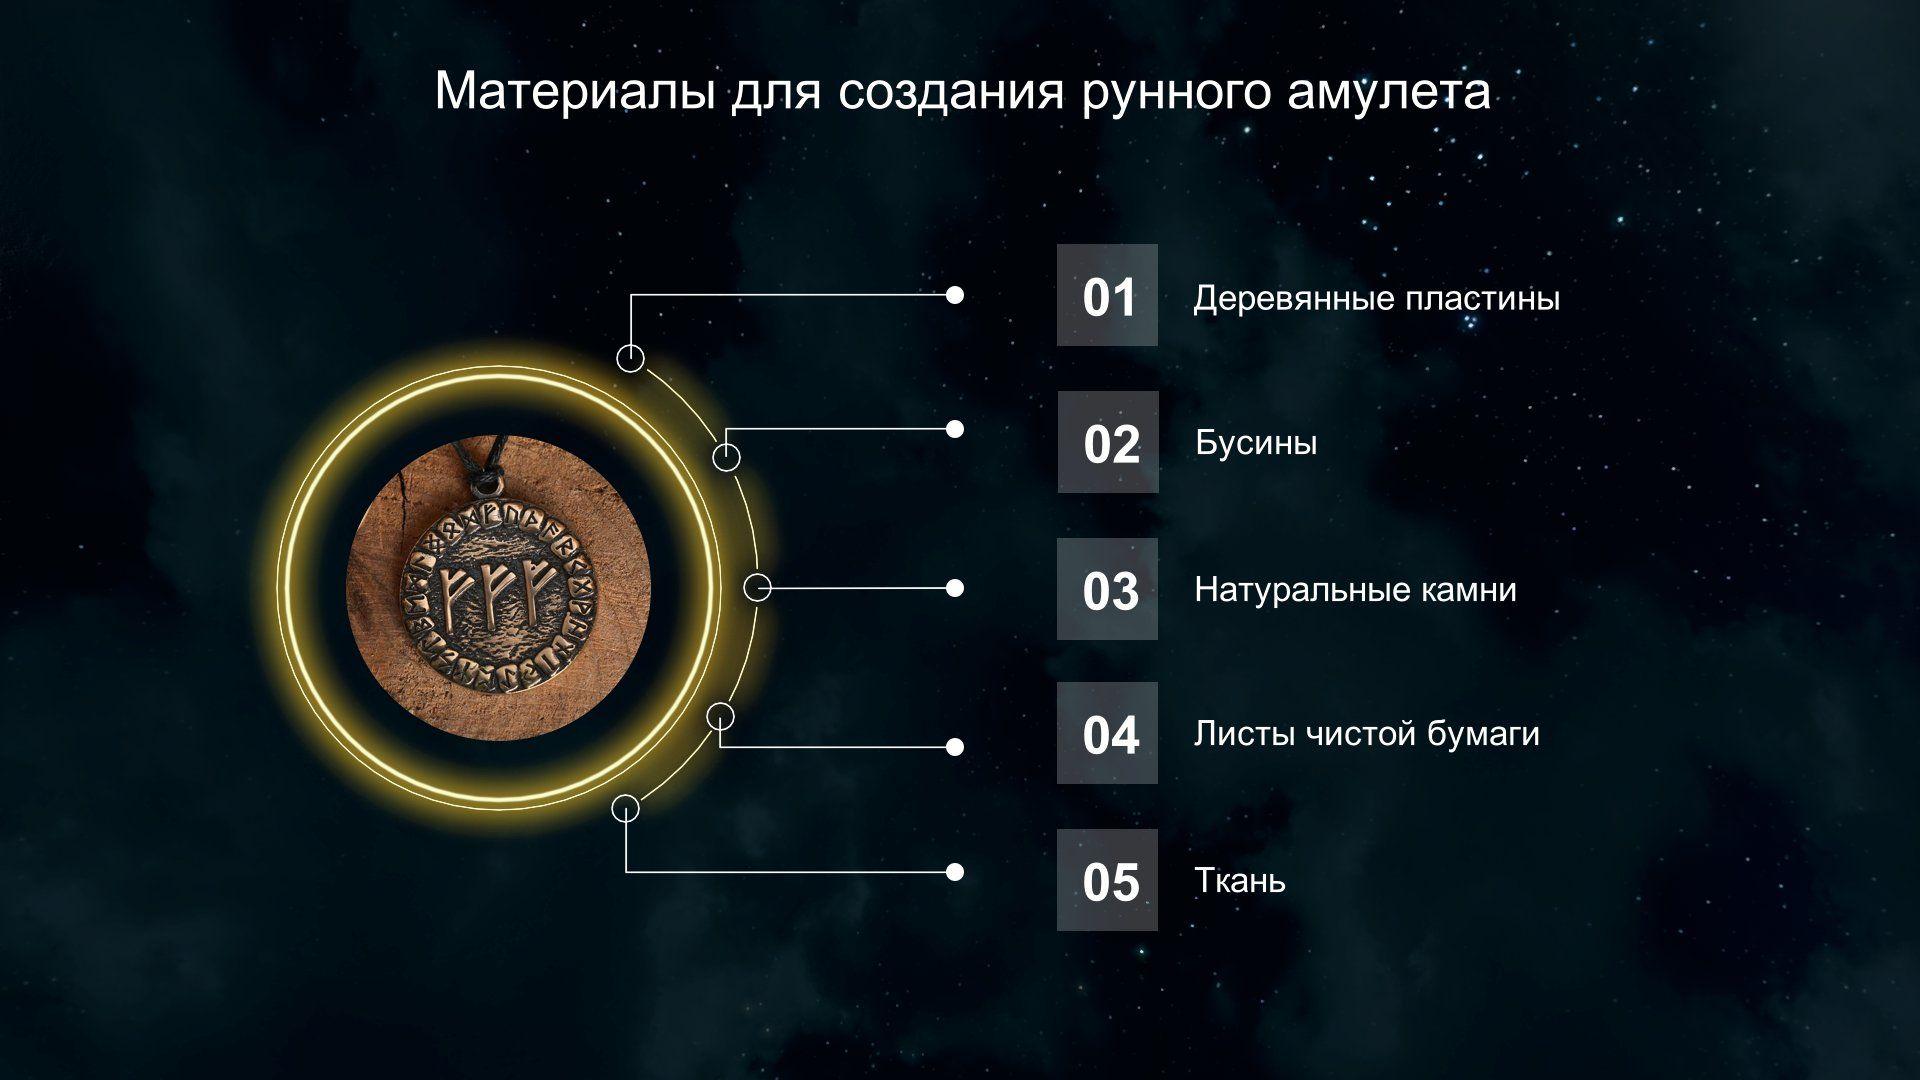 Материалы для создания рунного амулета